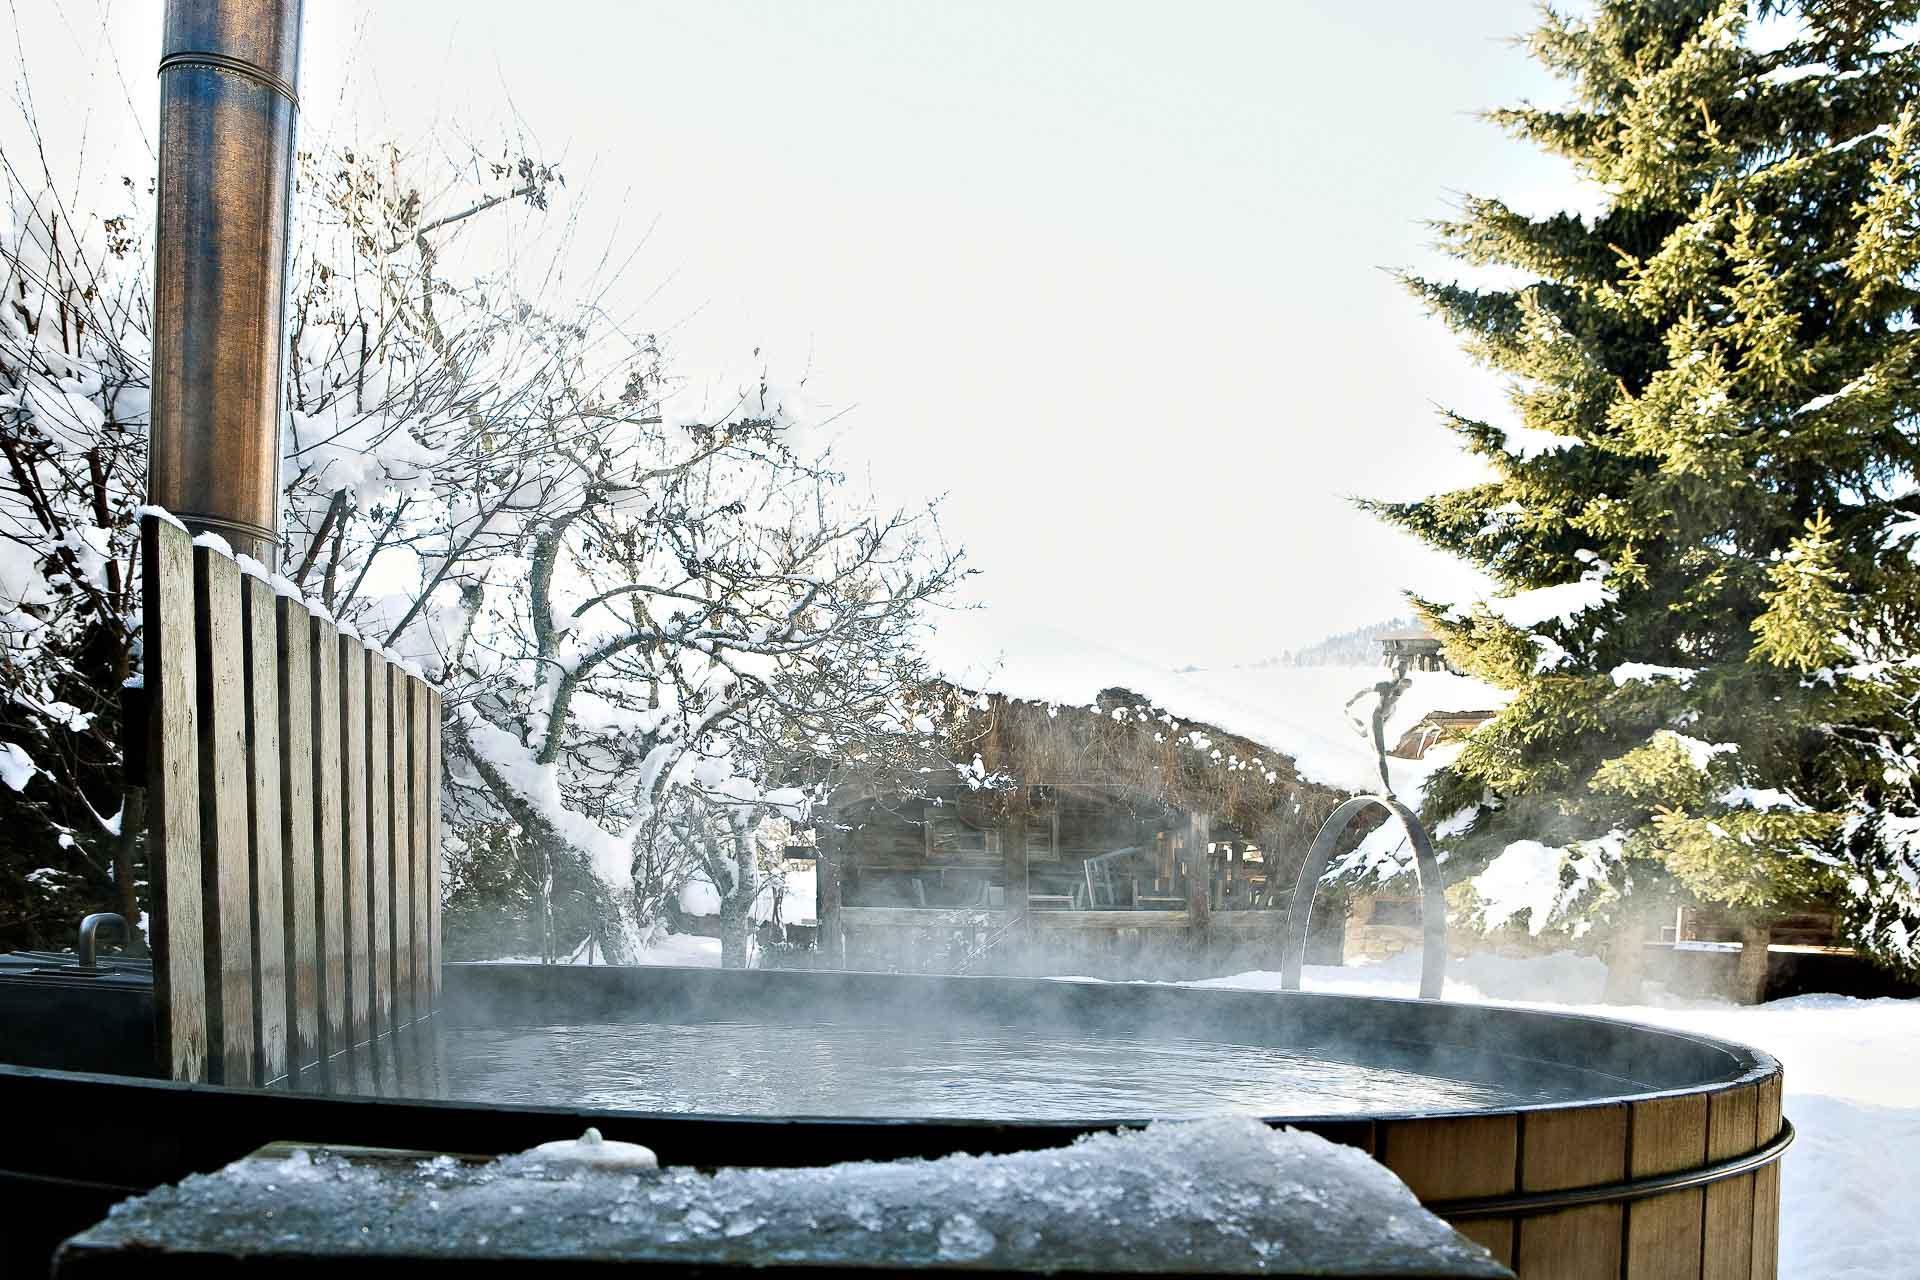 Le spa se poursuit à l'extérieur dans de grandes cuves en bois. © Les Fermes de Marie - L. Di Orio, MPM, T. Shu et DR